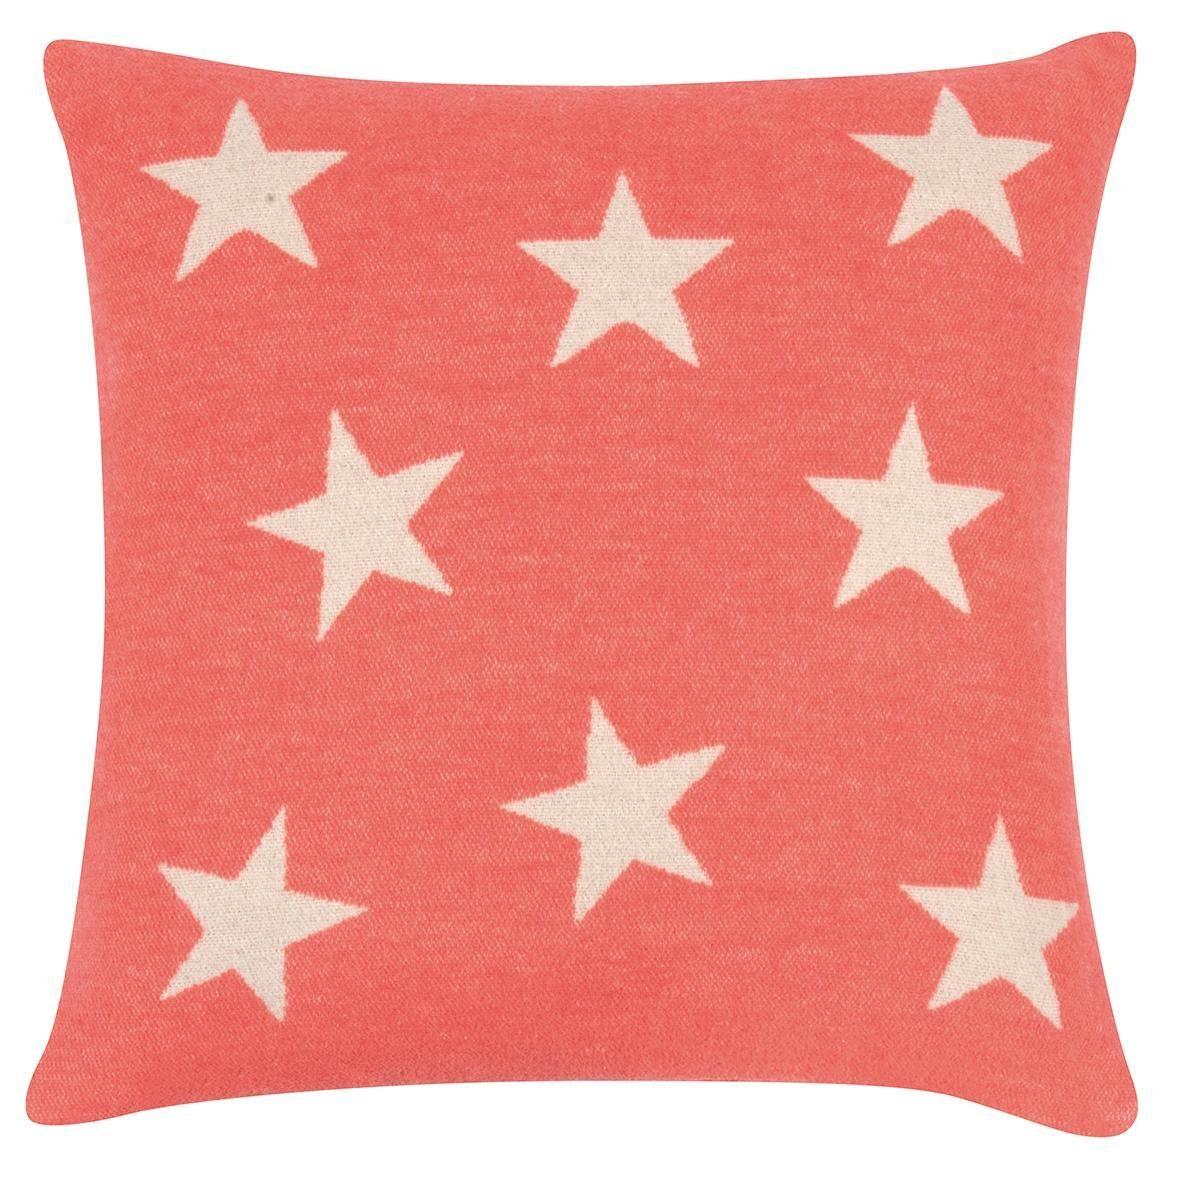 Kissenbezug, pad, »Star«, mit Sternen